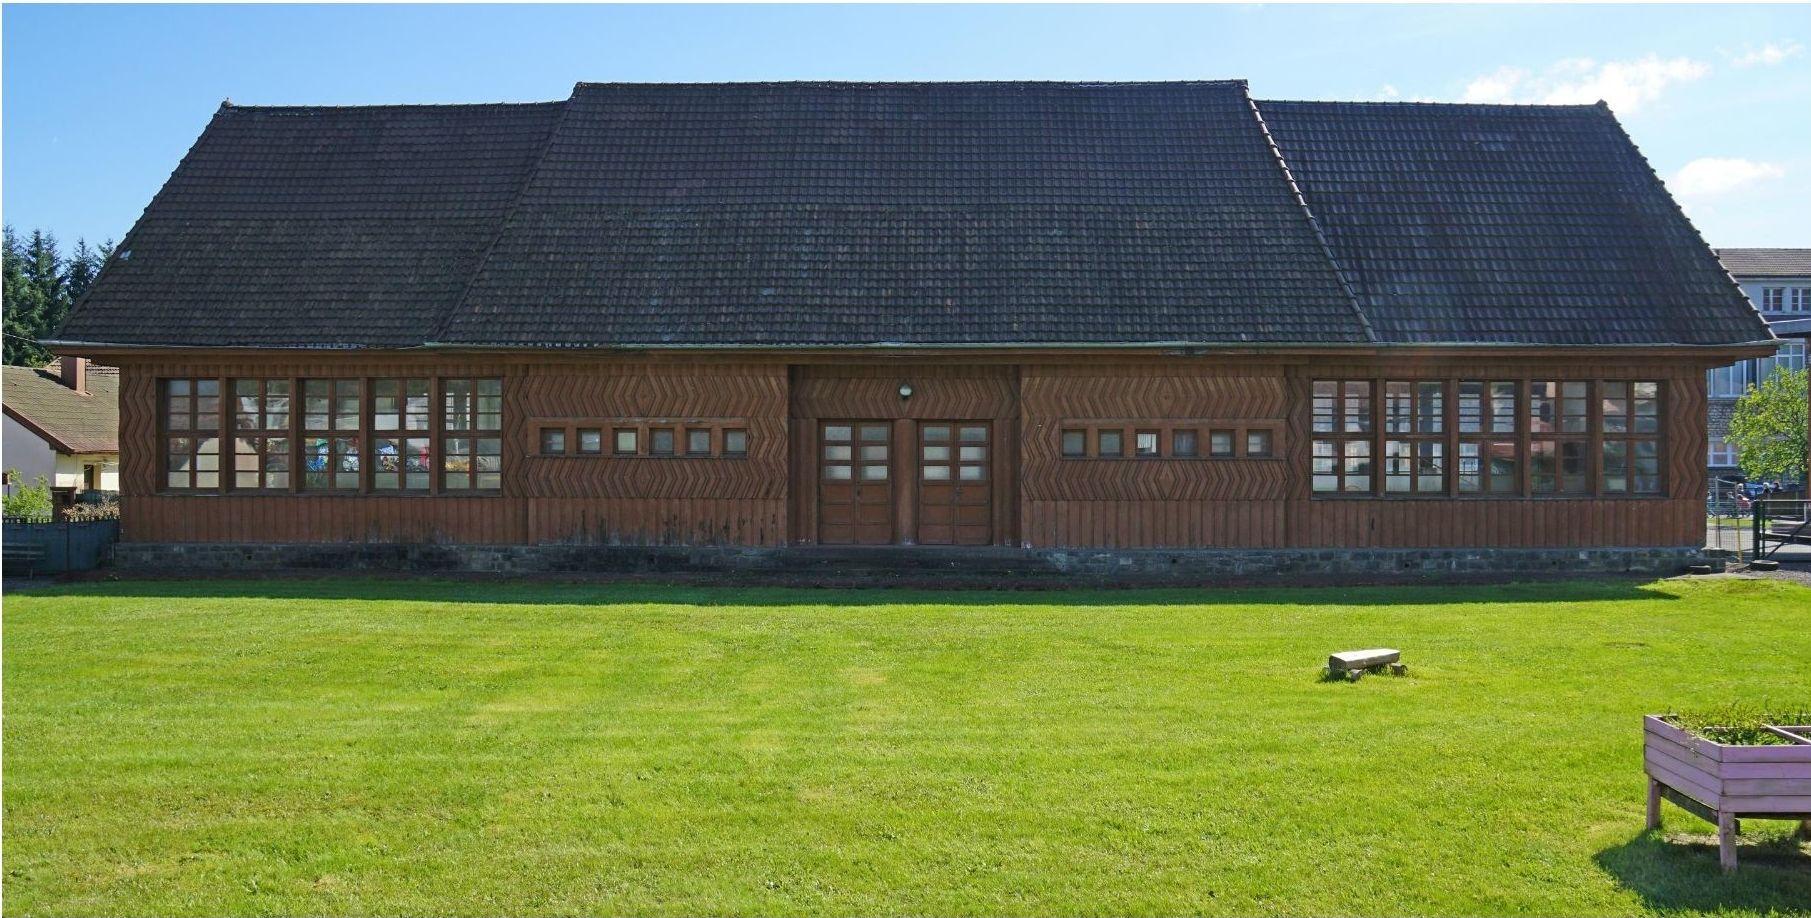 Maison en bois de Ronchamp (Fondation du Patrimoine)